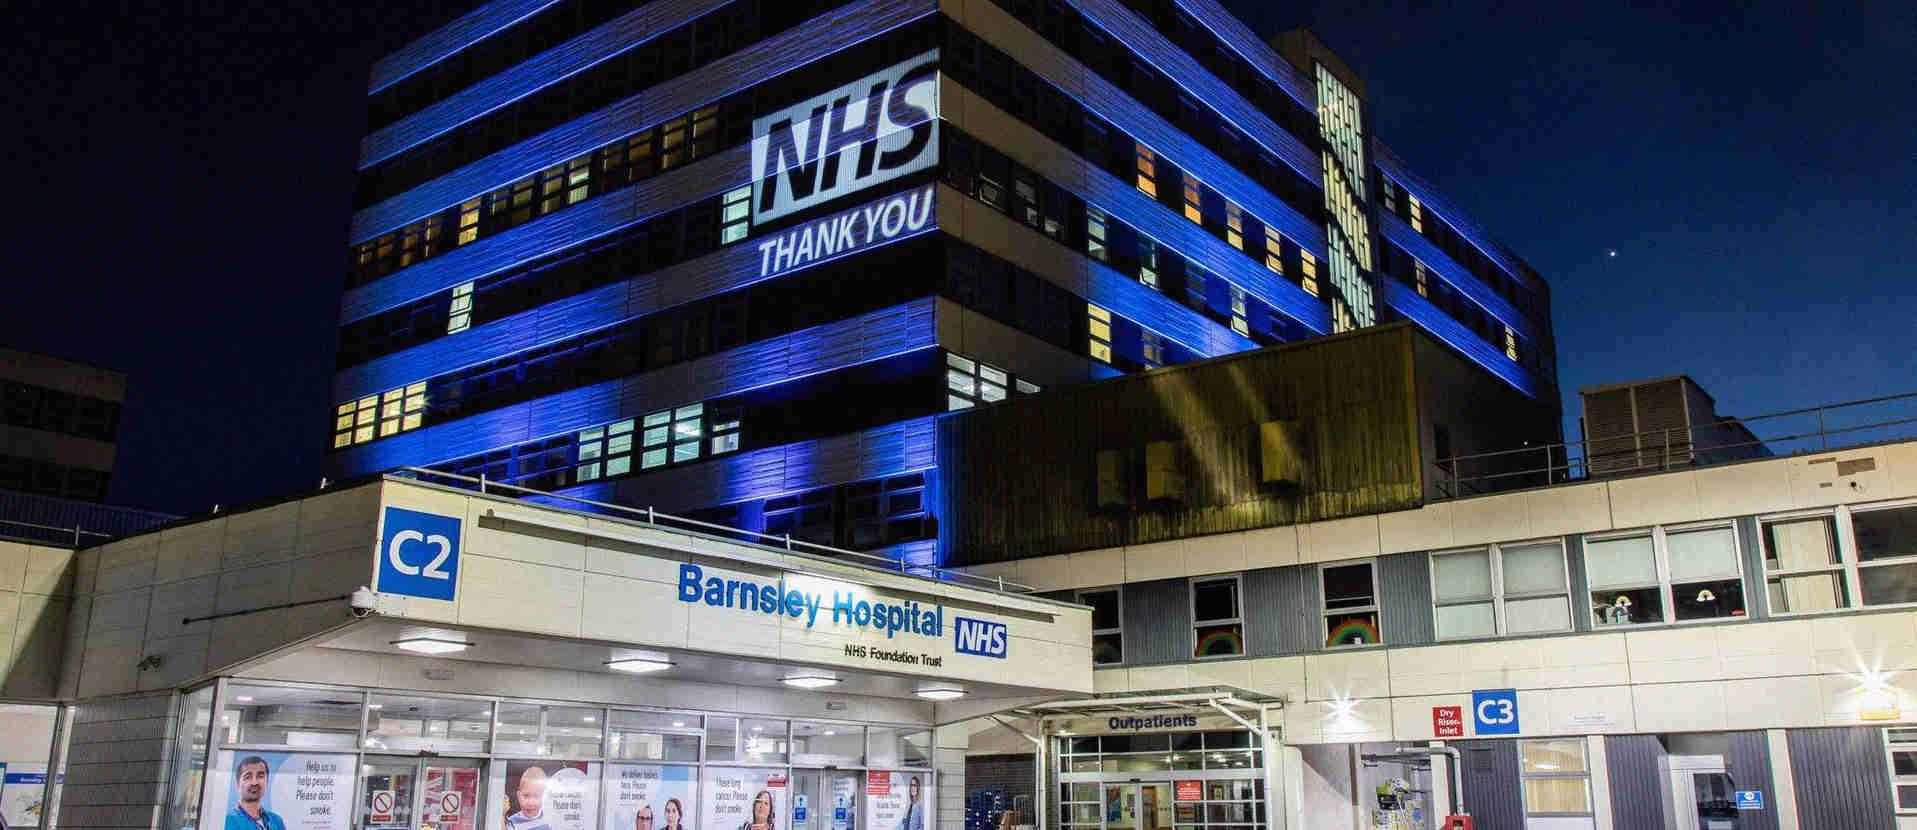 Barnsley hospital at night